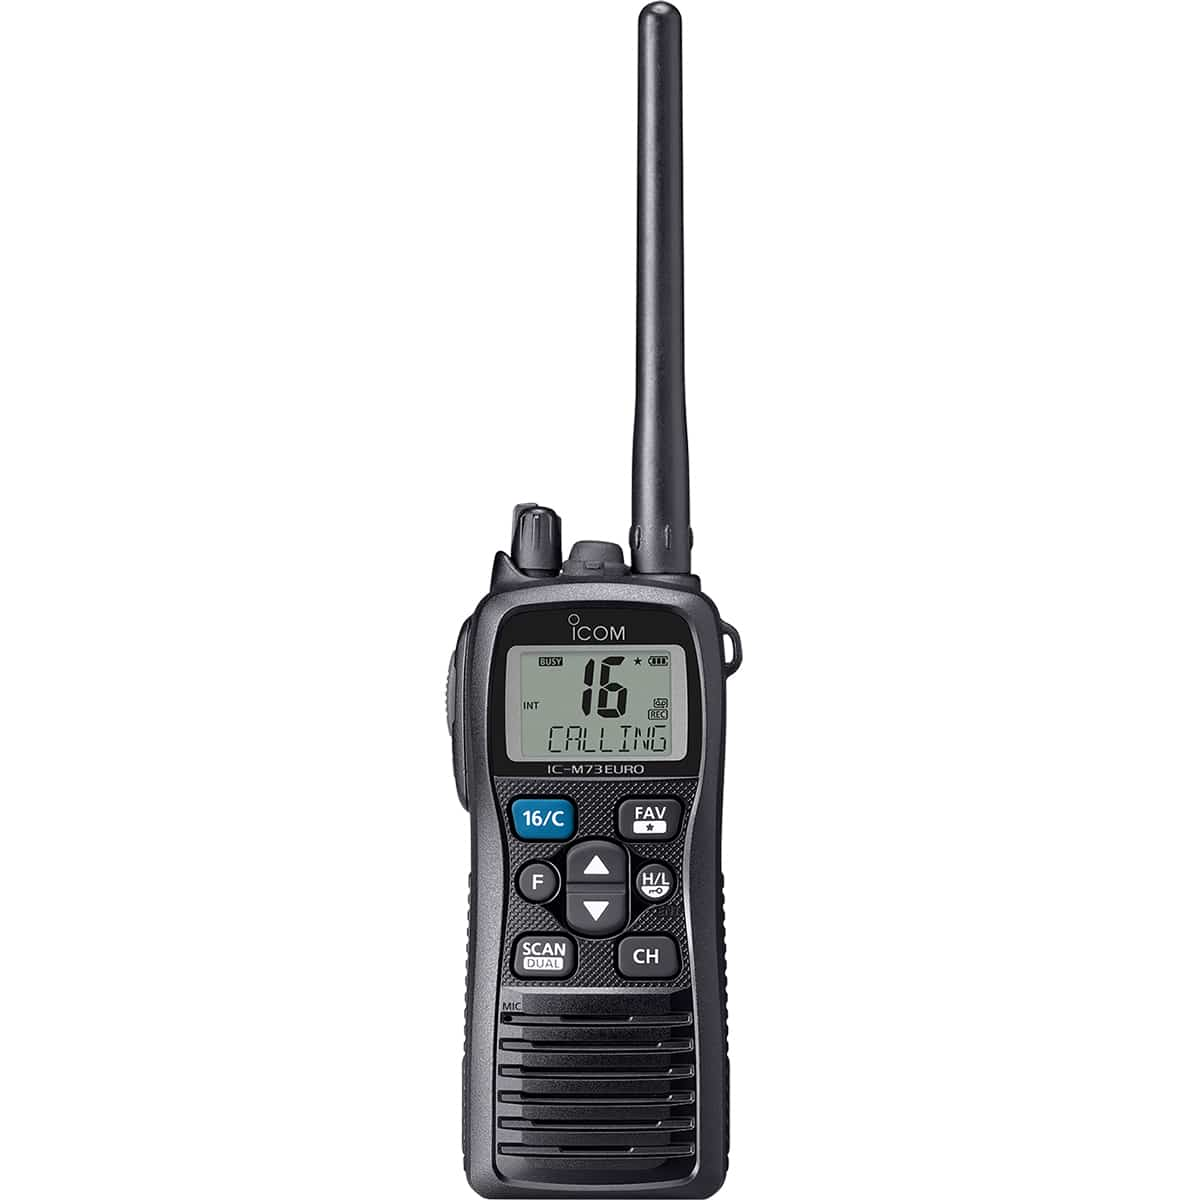 Носимата морска радиостанция ICOM IC-M73EURO / IC-M73EURO Plus се спира от производство   Integra-a